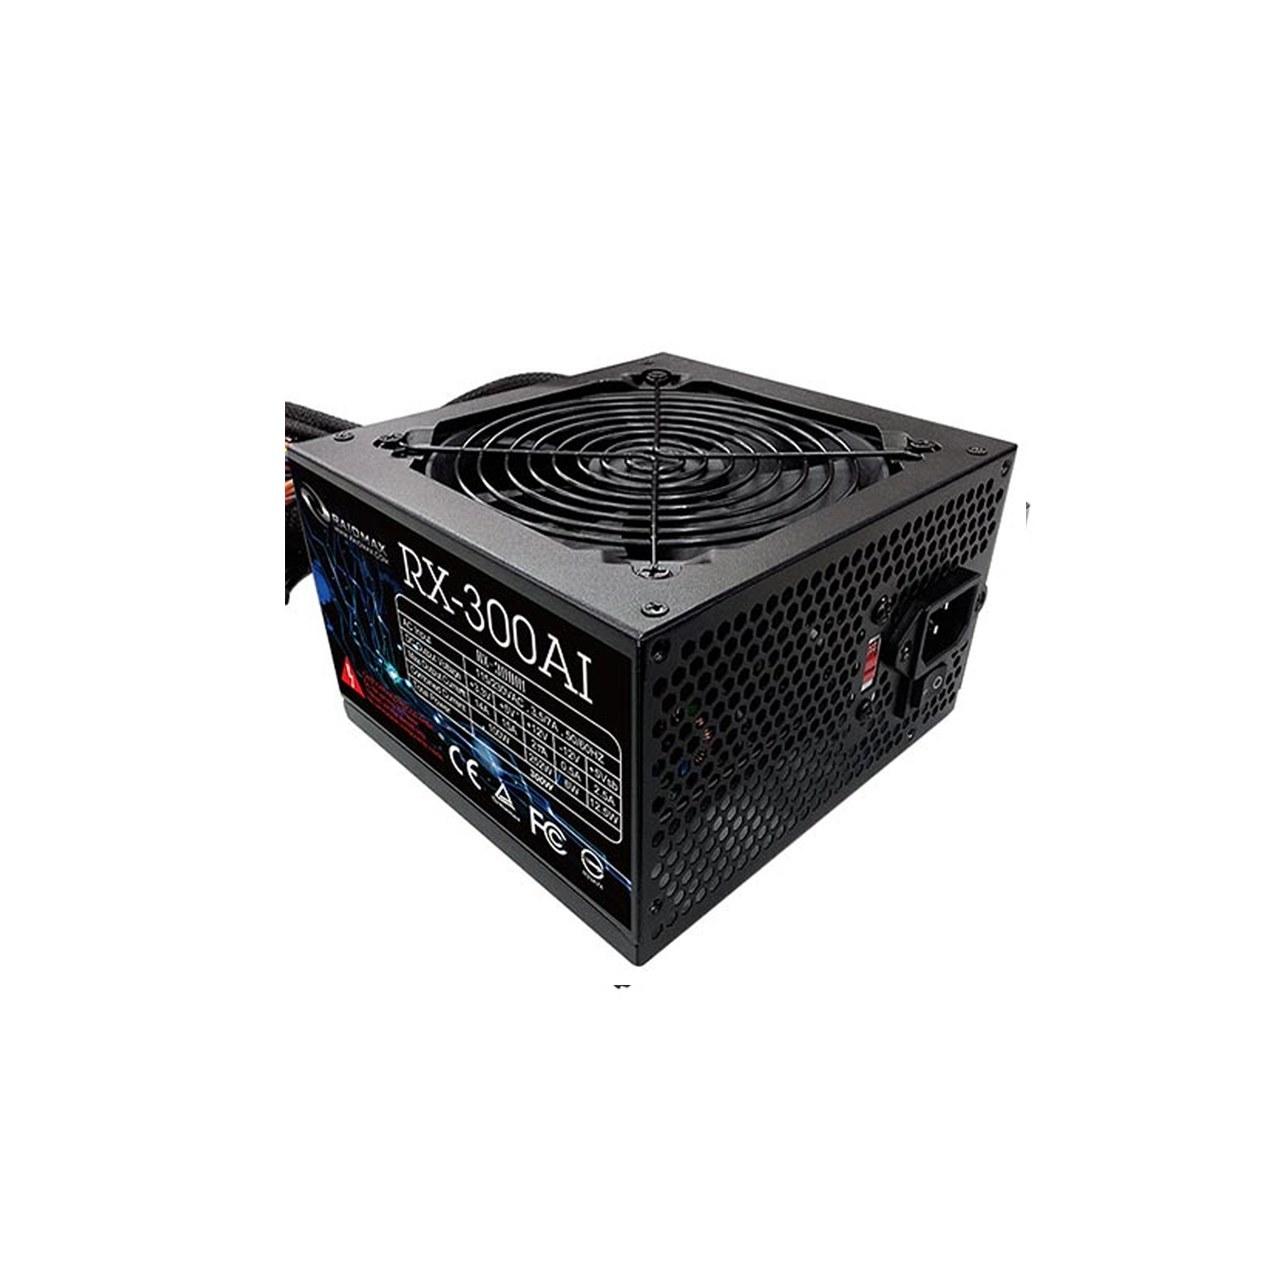 تصویر منبع تغذیه کامپیوتر ریدمکس مدل RAIDMAX POWER RX-300AI